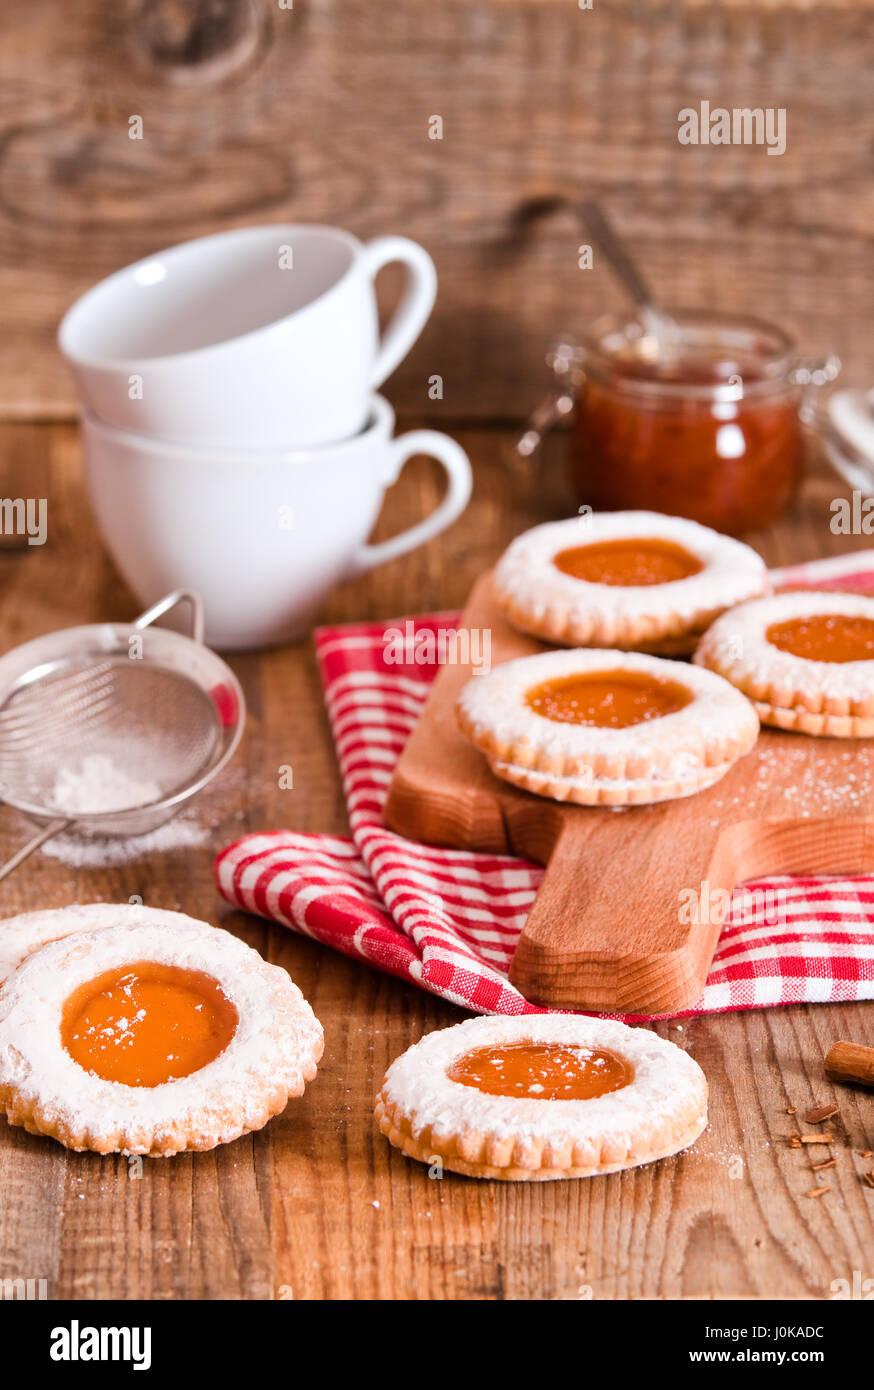 Breakfast cookies. - Stock Image